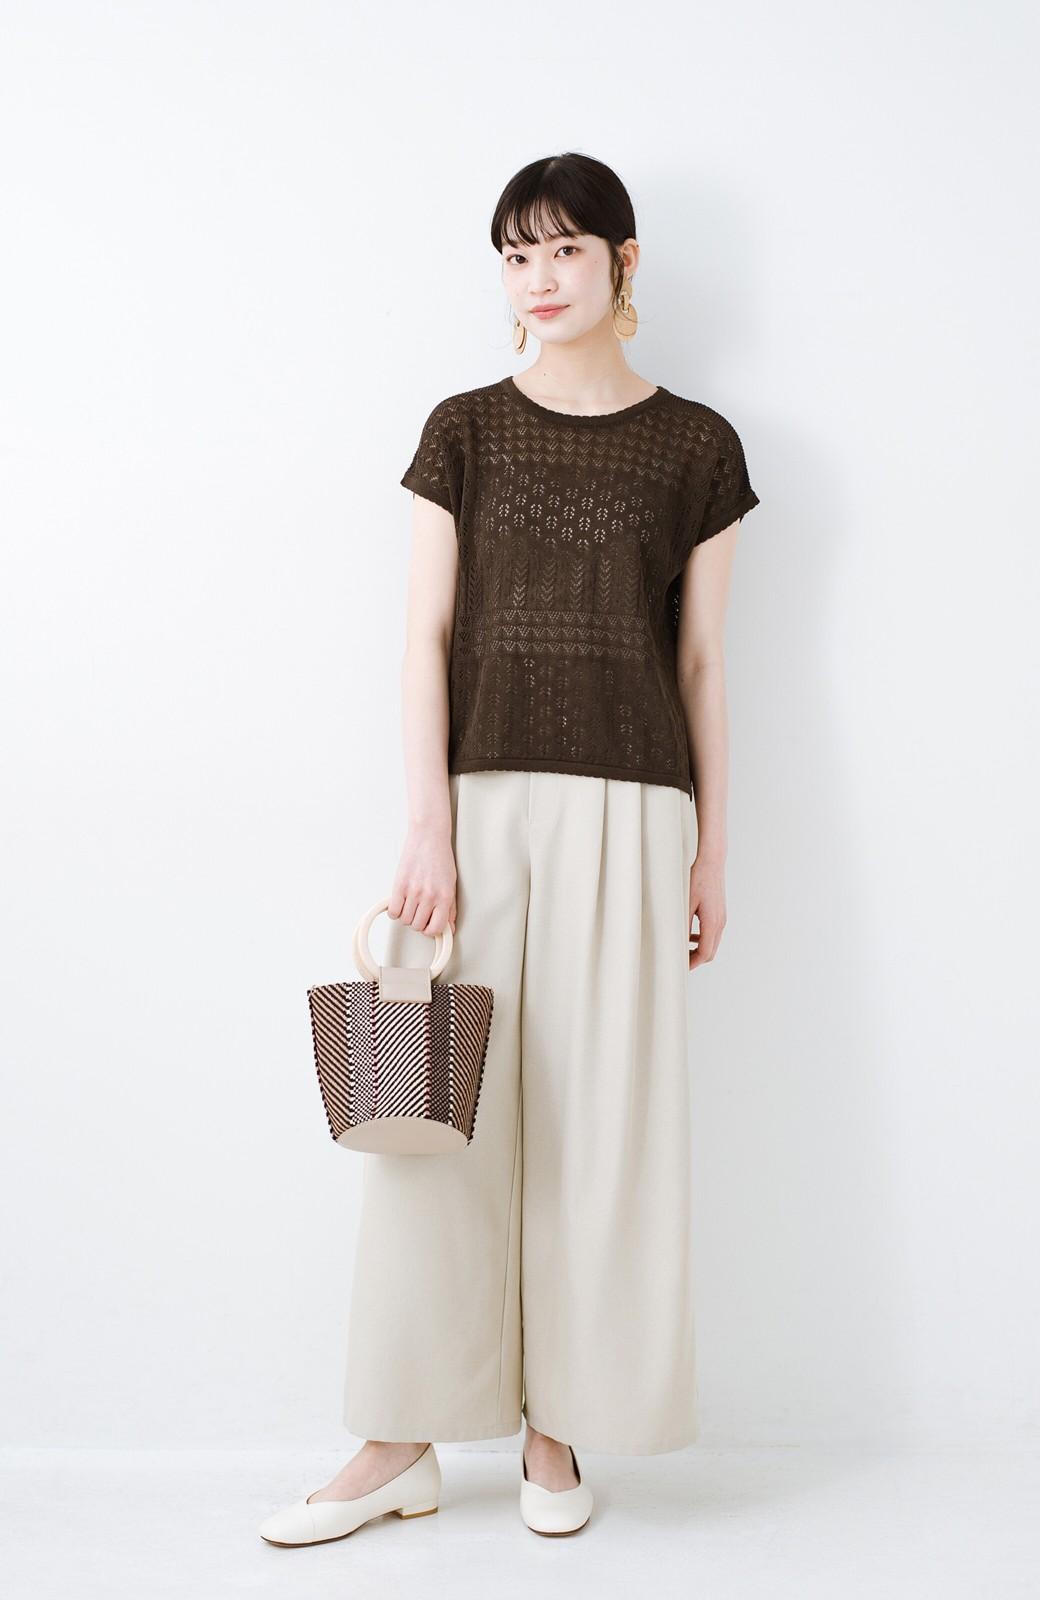 haco! 1枚でも重ね着にも便利なヘビロテしたくなる透かし編みニットトップス <チョコ>の商品写真8